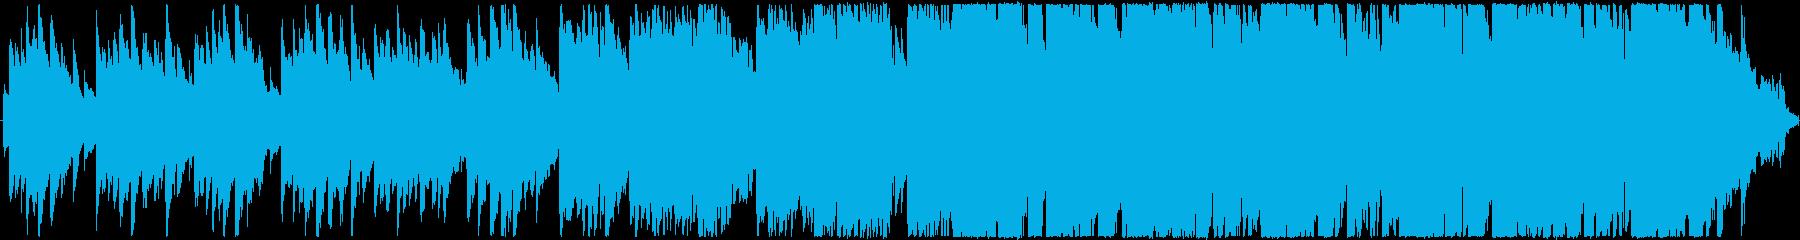 小さい頃の思い出をイメージしたBGMの再生済みの波形